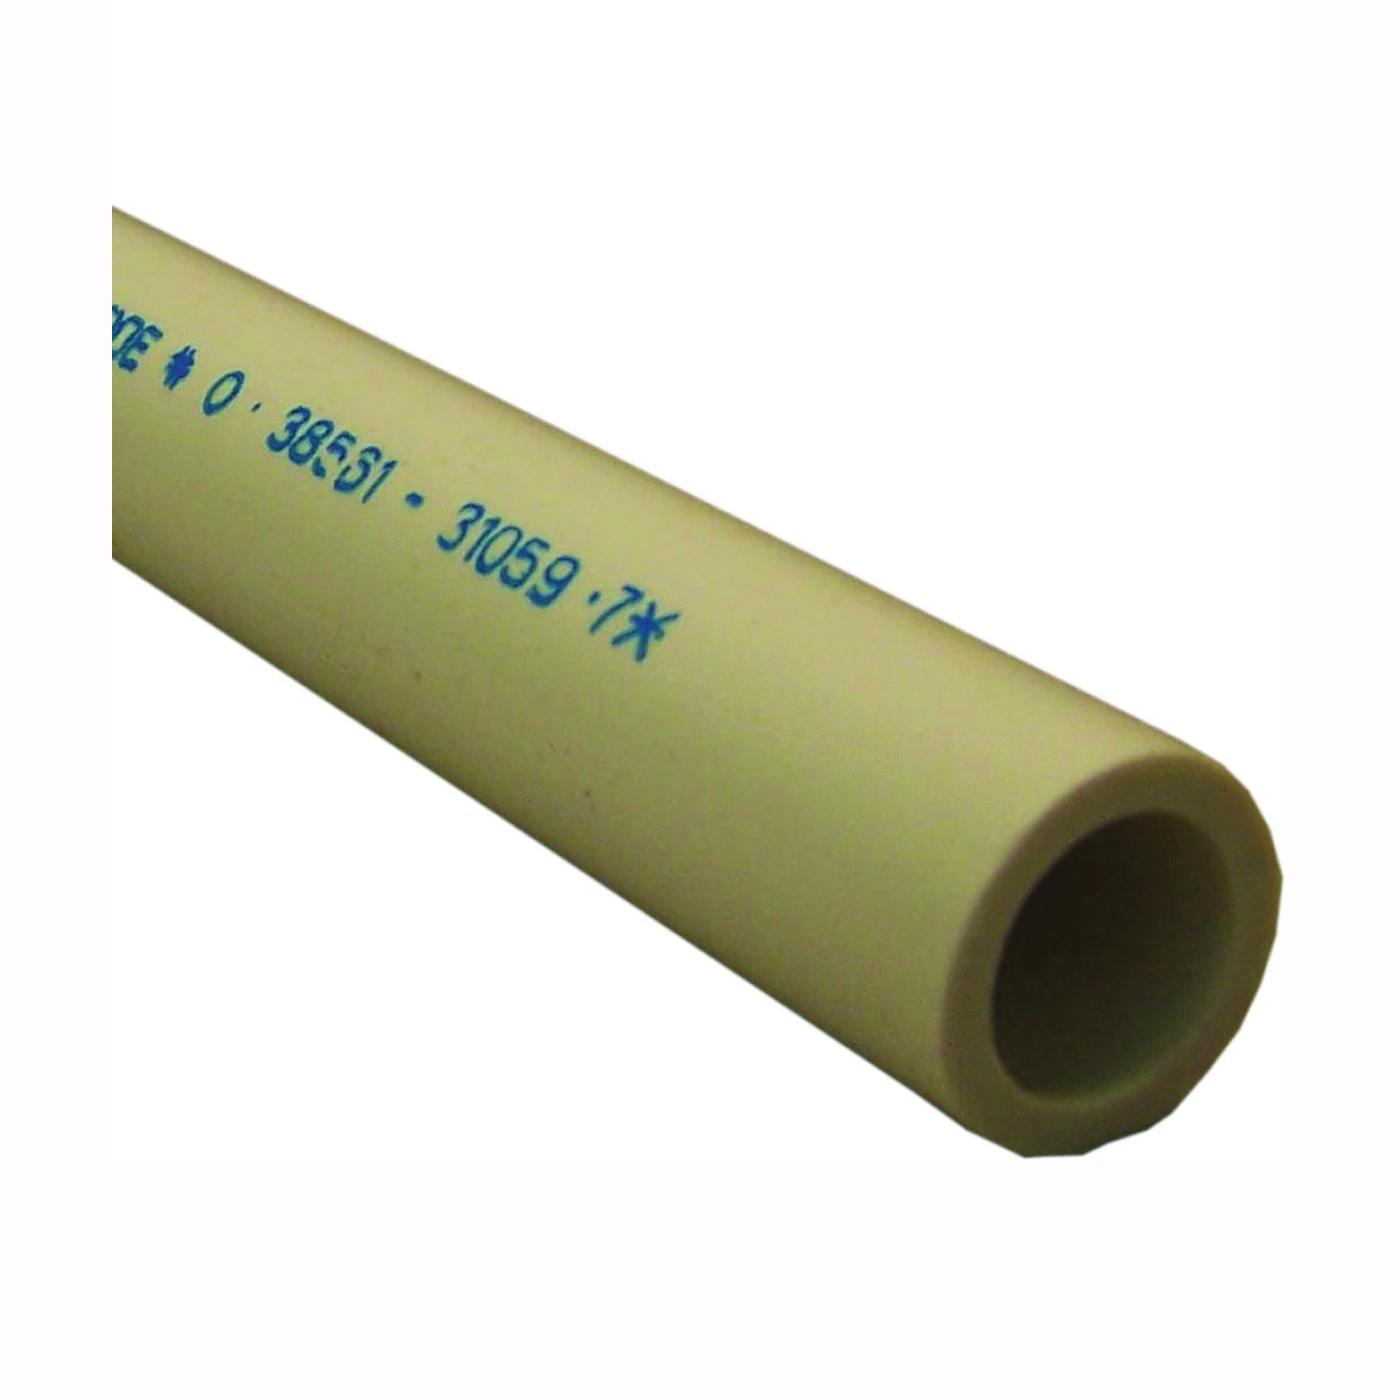 Picture of GENOVA 300 Series 310107 Pressure Pipe Plain, 10 ft L, Plain, SCH 40 Schedule